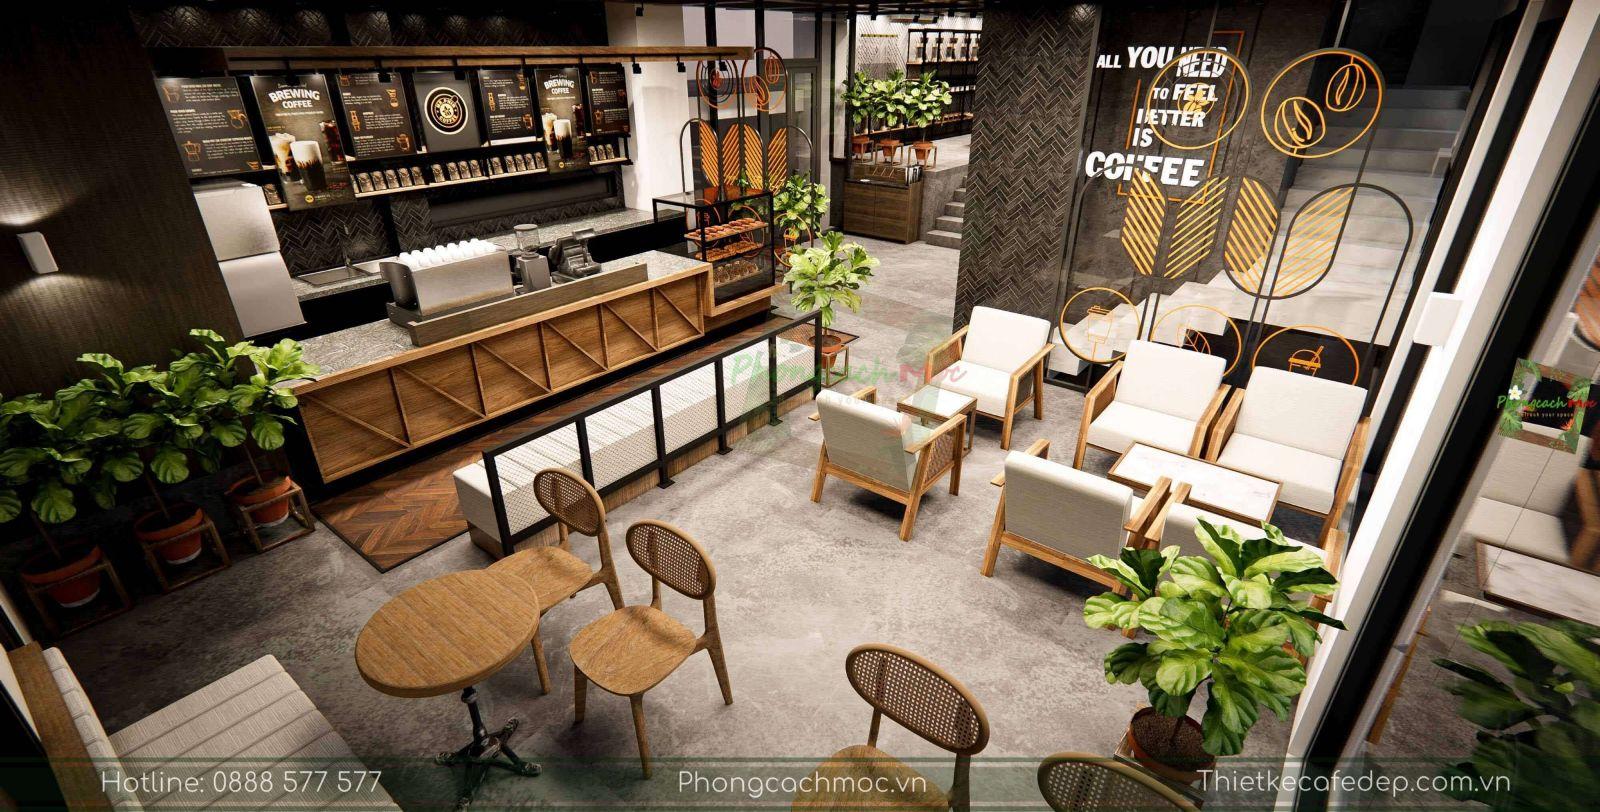 thiet-ke-quan-cafe-mr-phin-chu-van-an-19